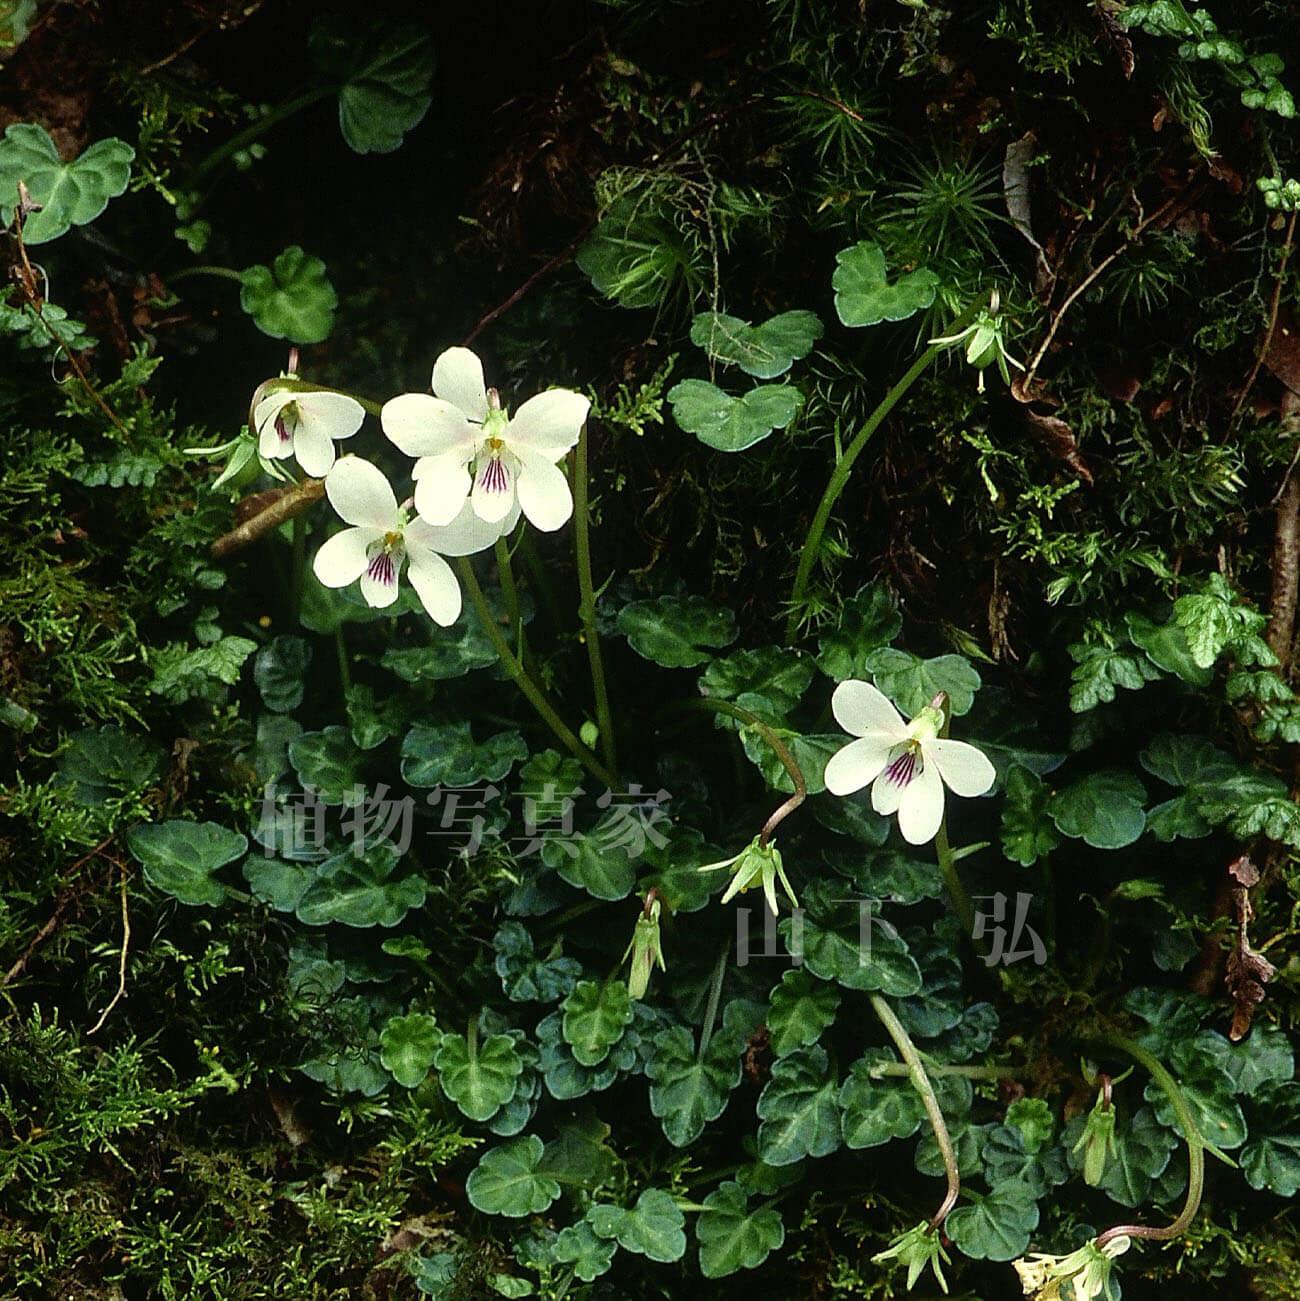 奄美大島・湯湾岳のヤクシマスミレと周辺の植物観察